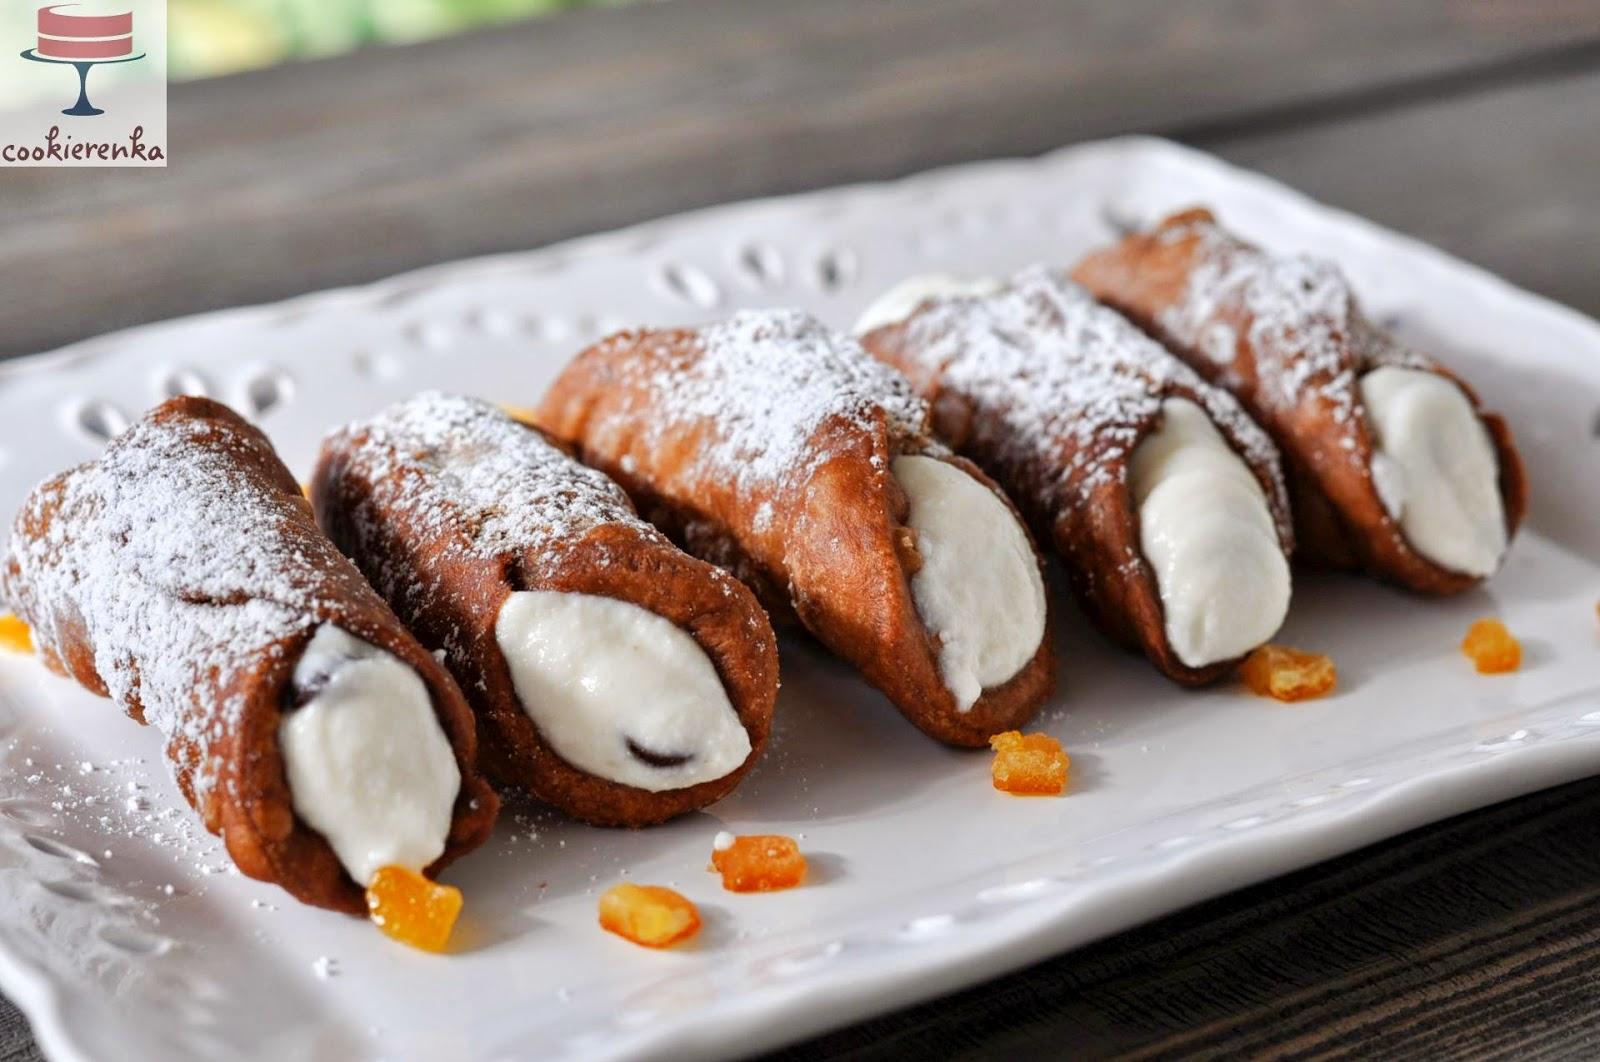 http://www.cookierenka.com/2014/06/cannoli-siciliani-czyli-chrupiace-rurki.html